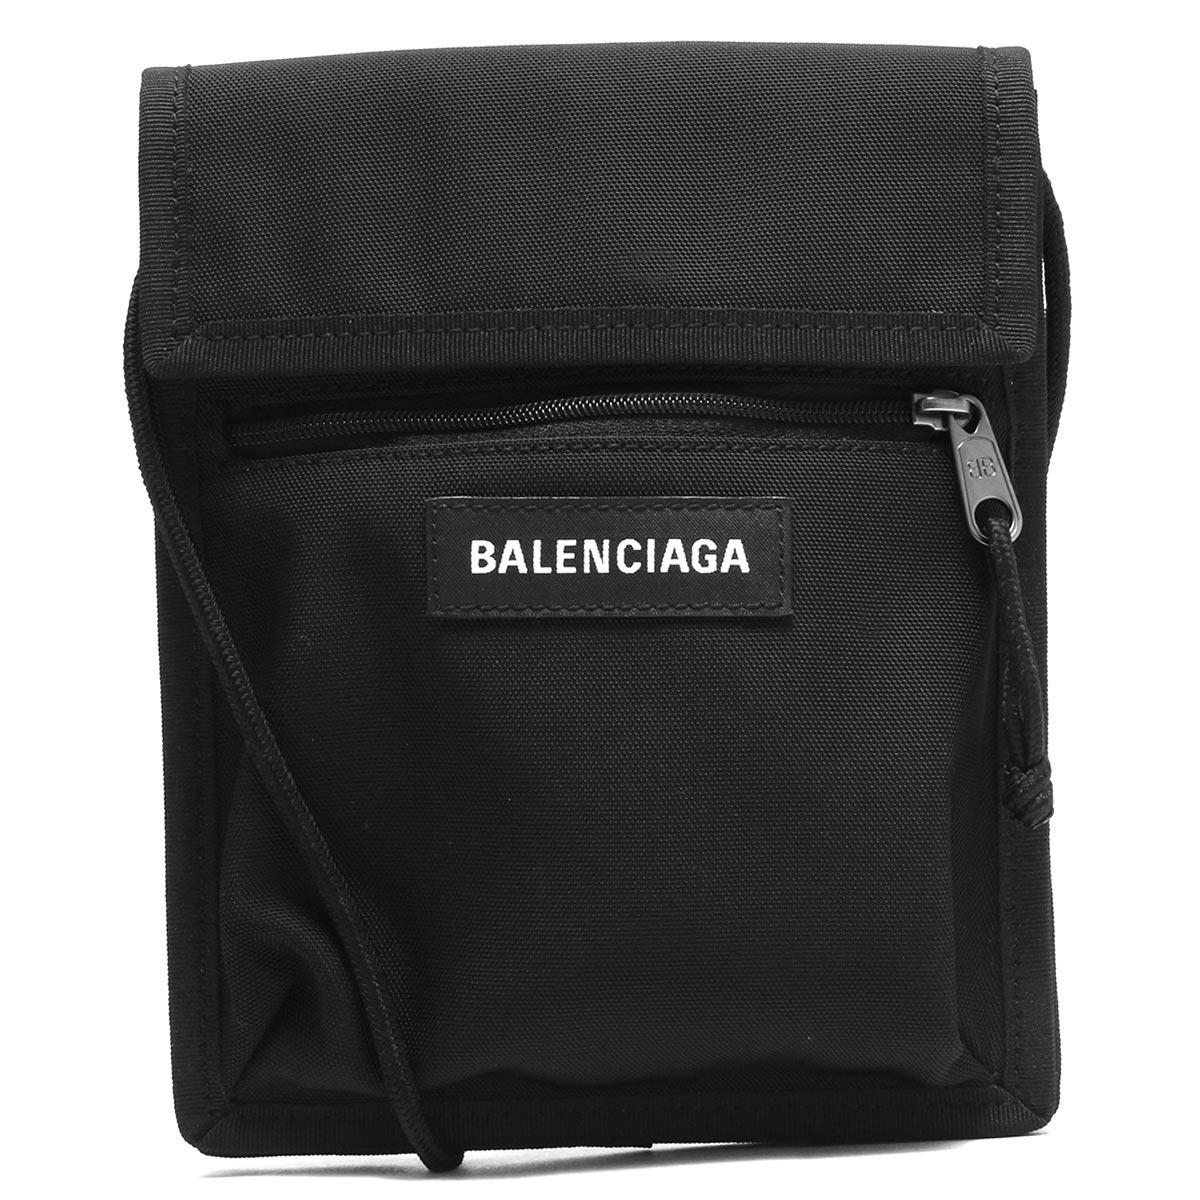 男女兼用バッグ, ショルダーバッグ・メッセンジャーバッグ  532298 9TYY5 1000 2019 BALENCIAGA